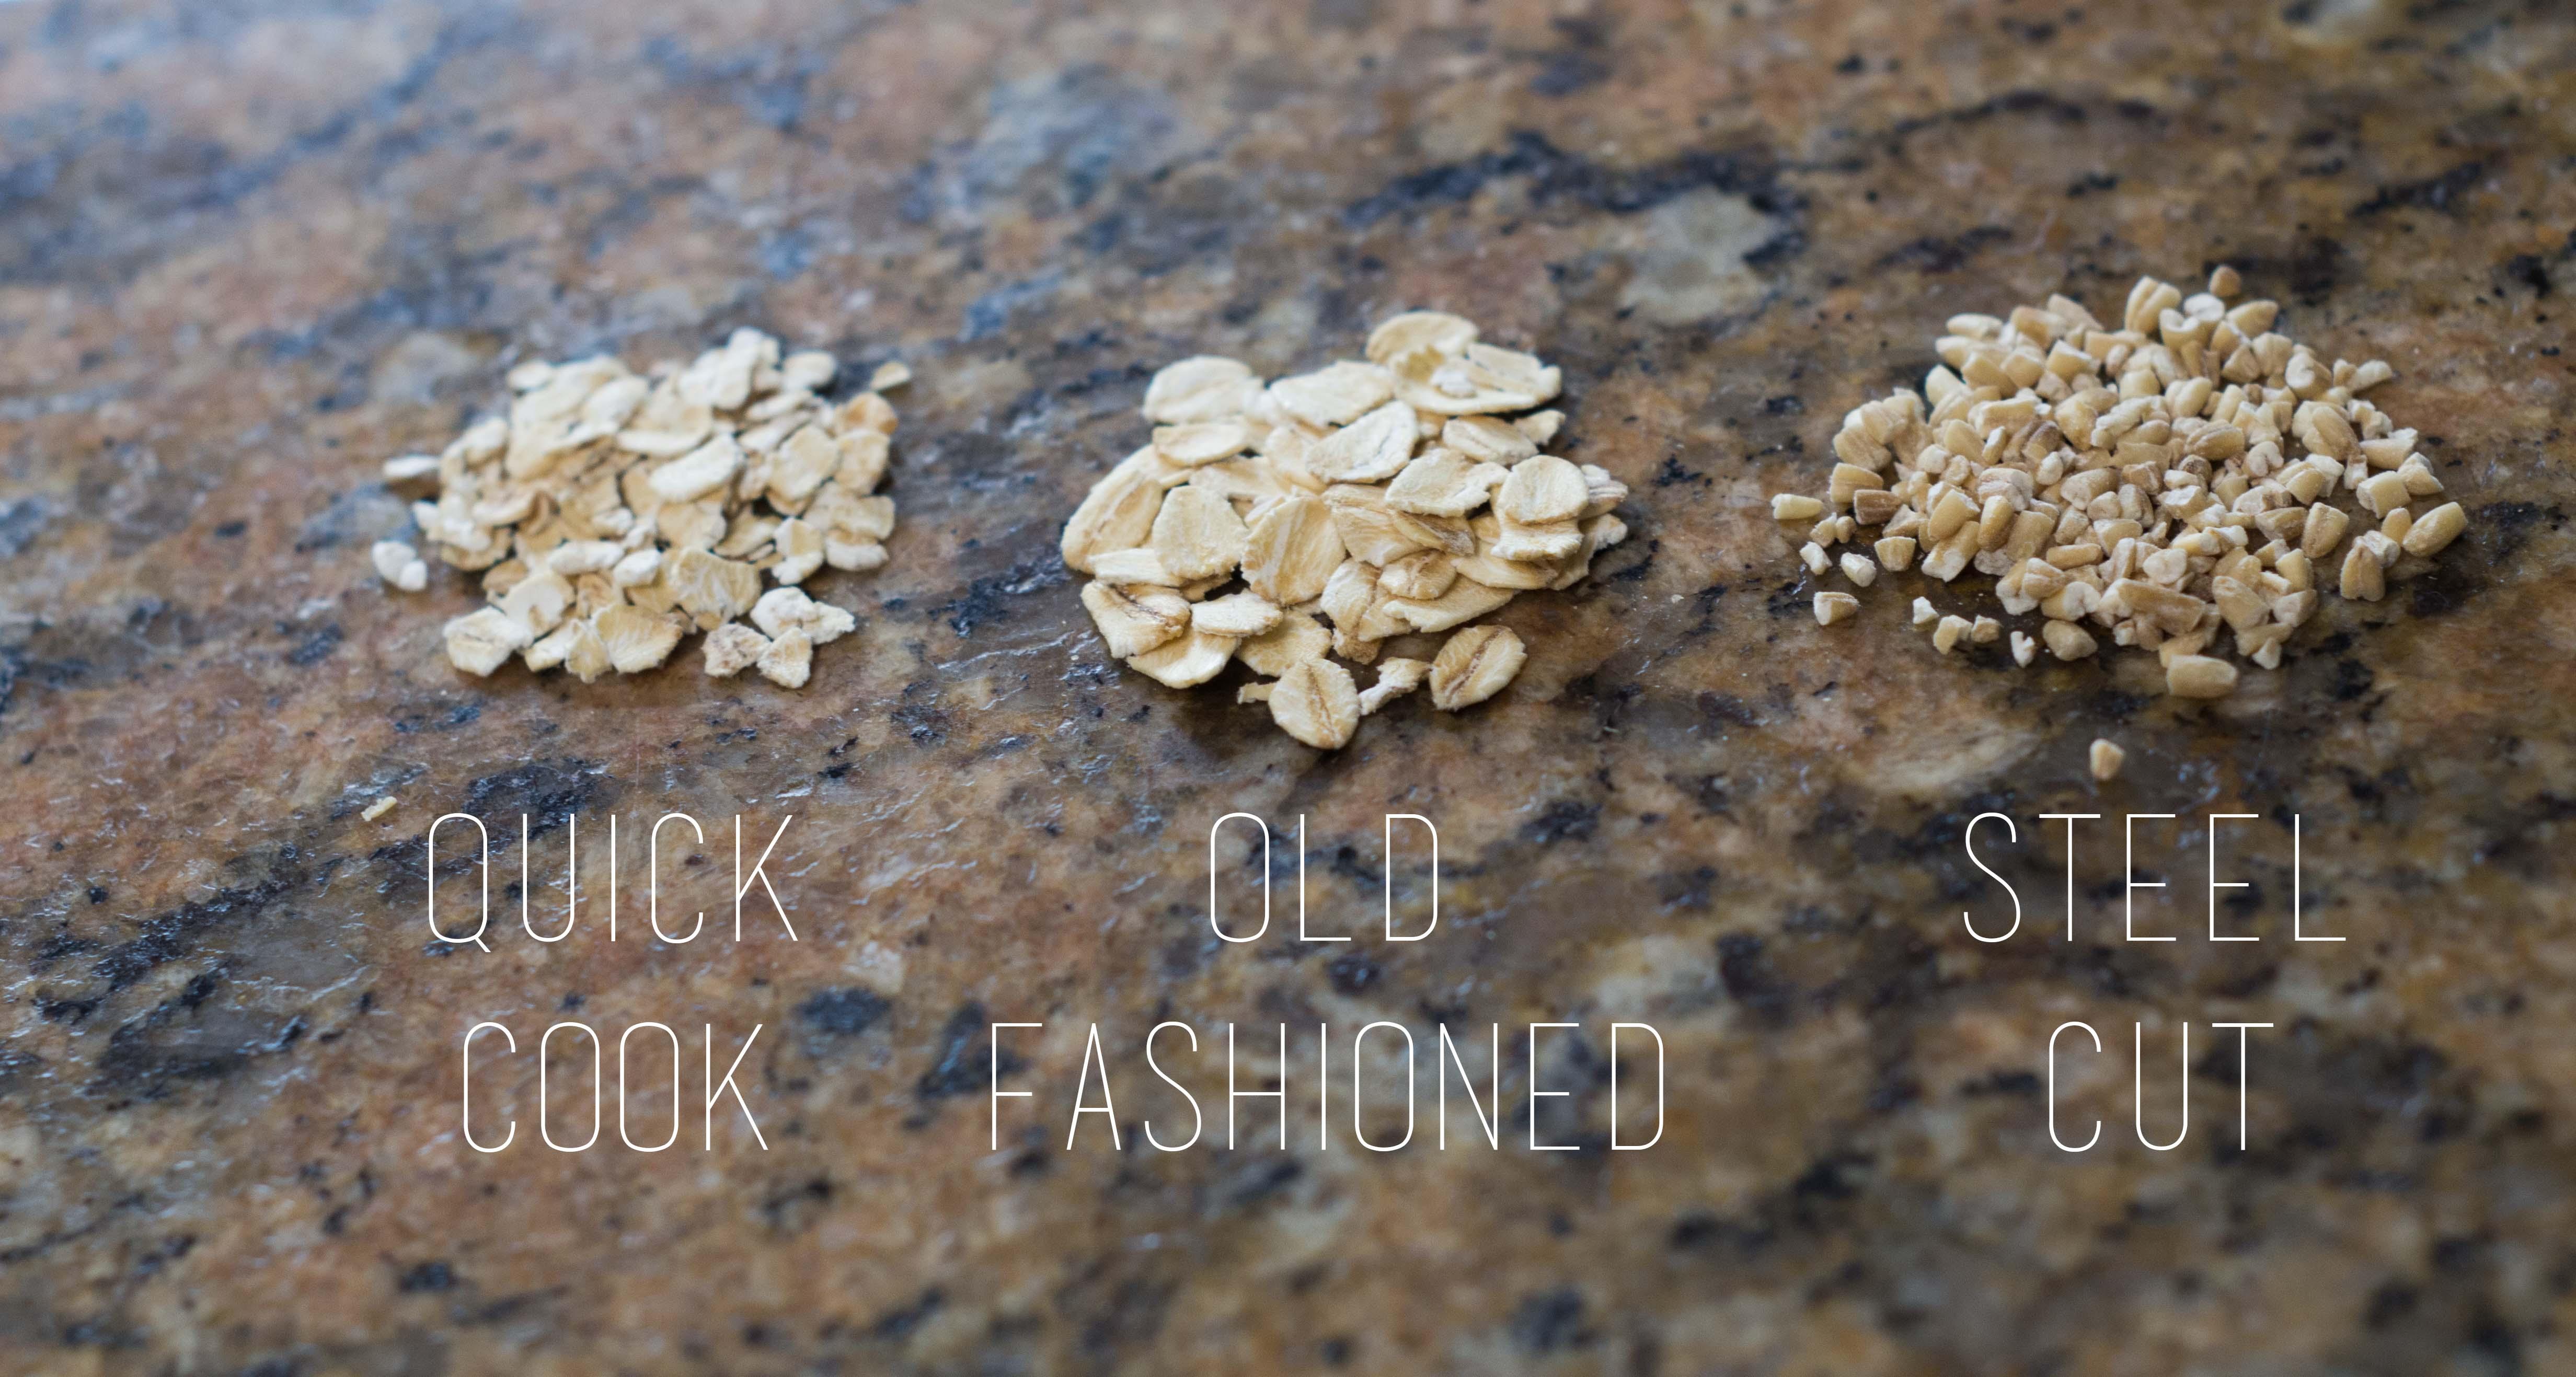 macam-macam jenis oat